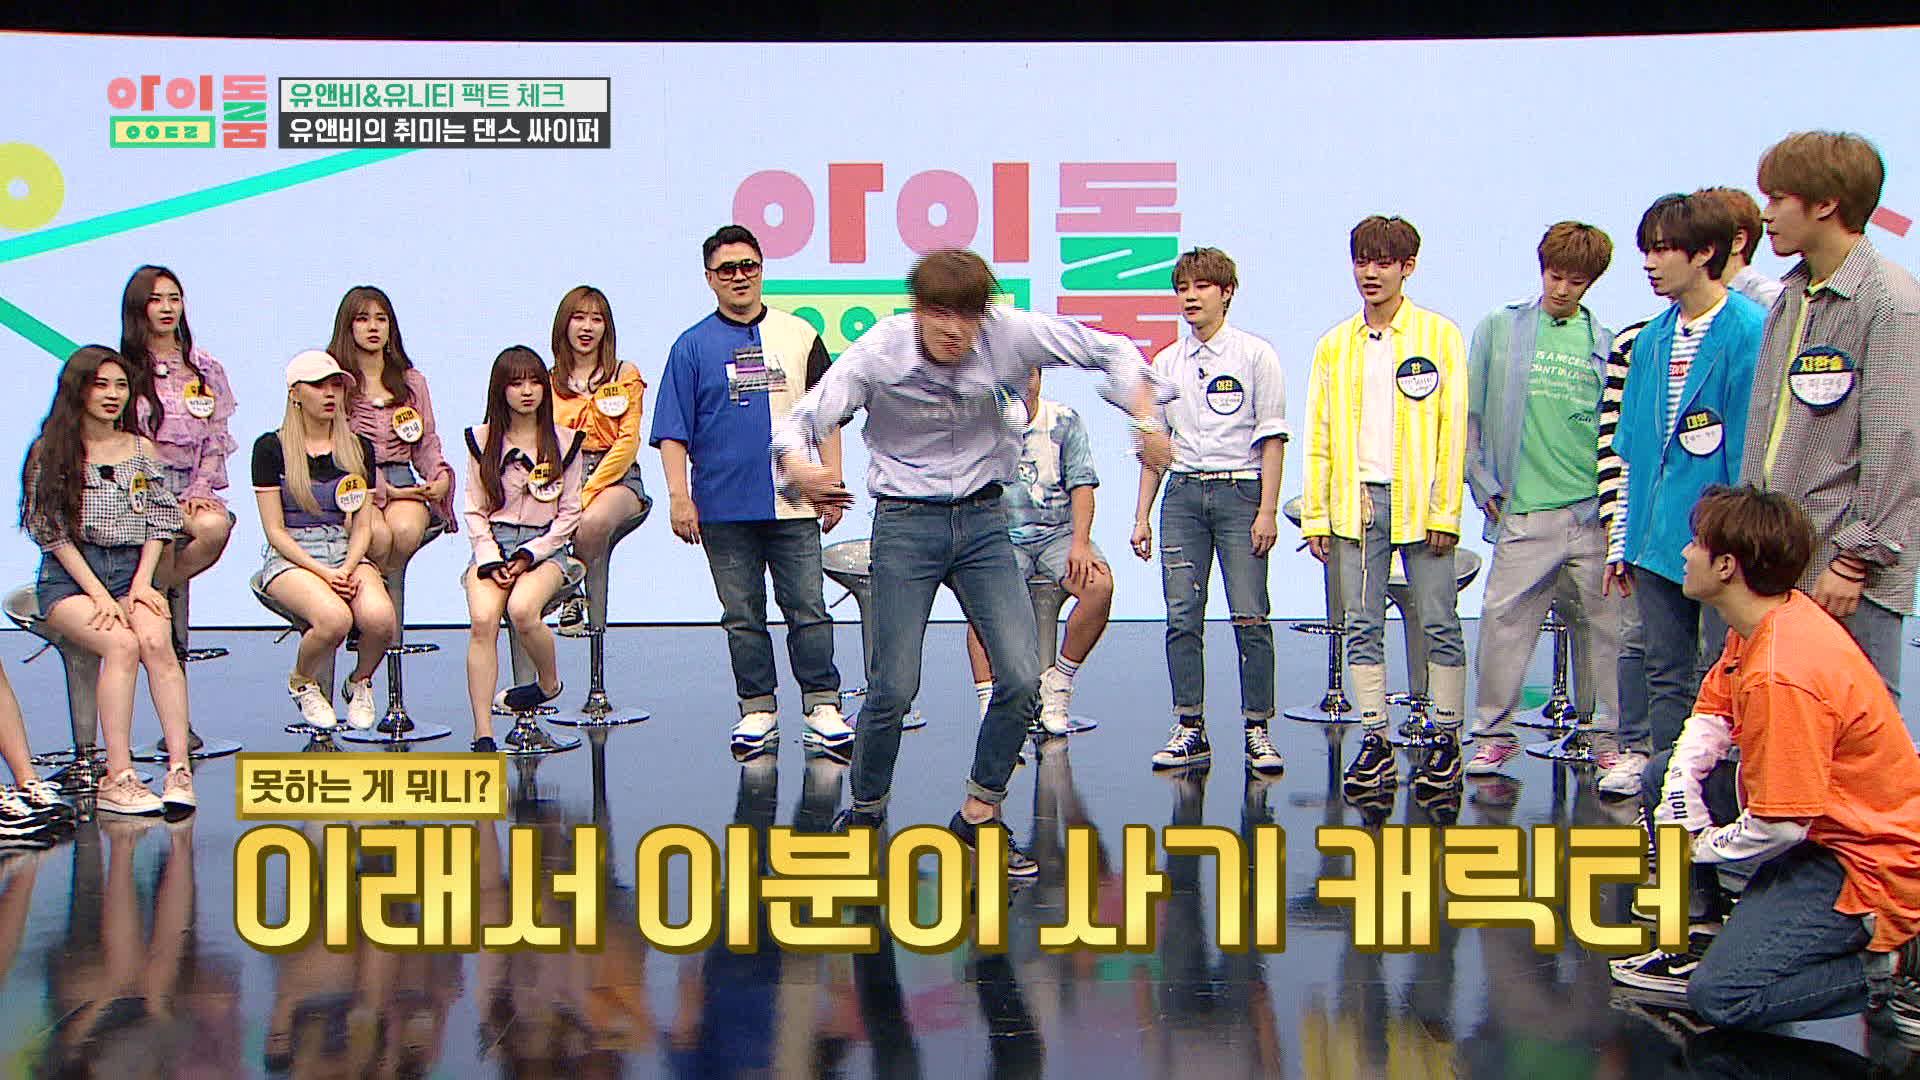 """아이돌룸(IDOL ROOM) 8회 - 유앤비의 취미는 댄스 싸이퍼?! 정형돈 """"다 잘 춘다! ◎ㅁ◎"""""""